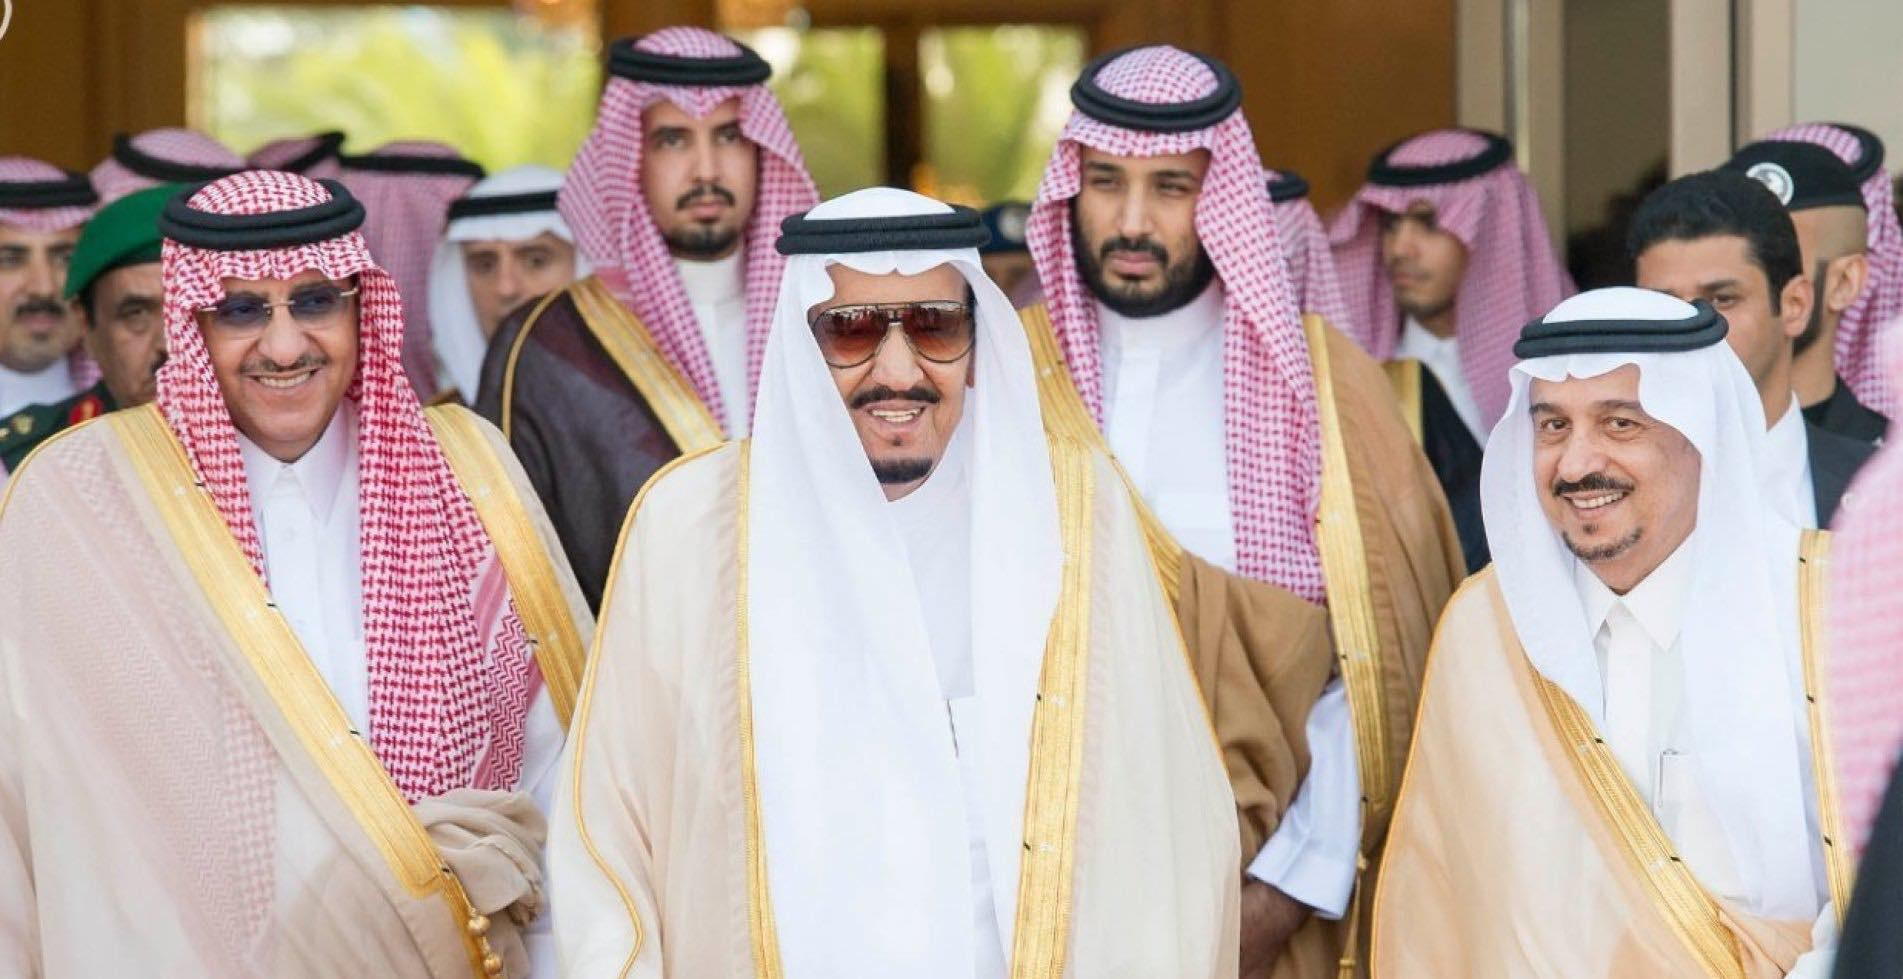 السعودية تودع ابن سلمان مع بداية العام الجديد 2019